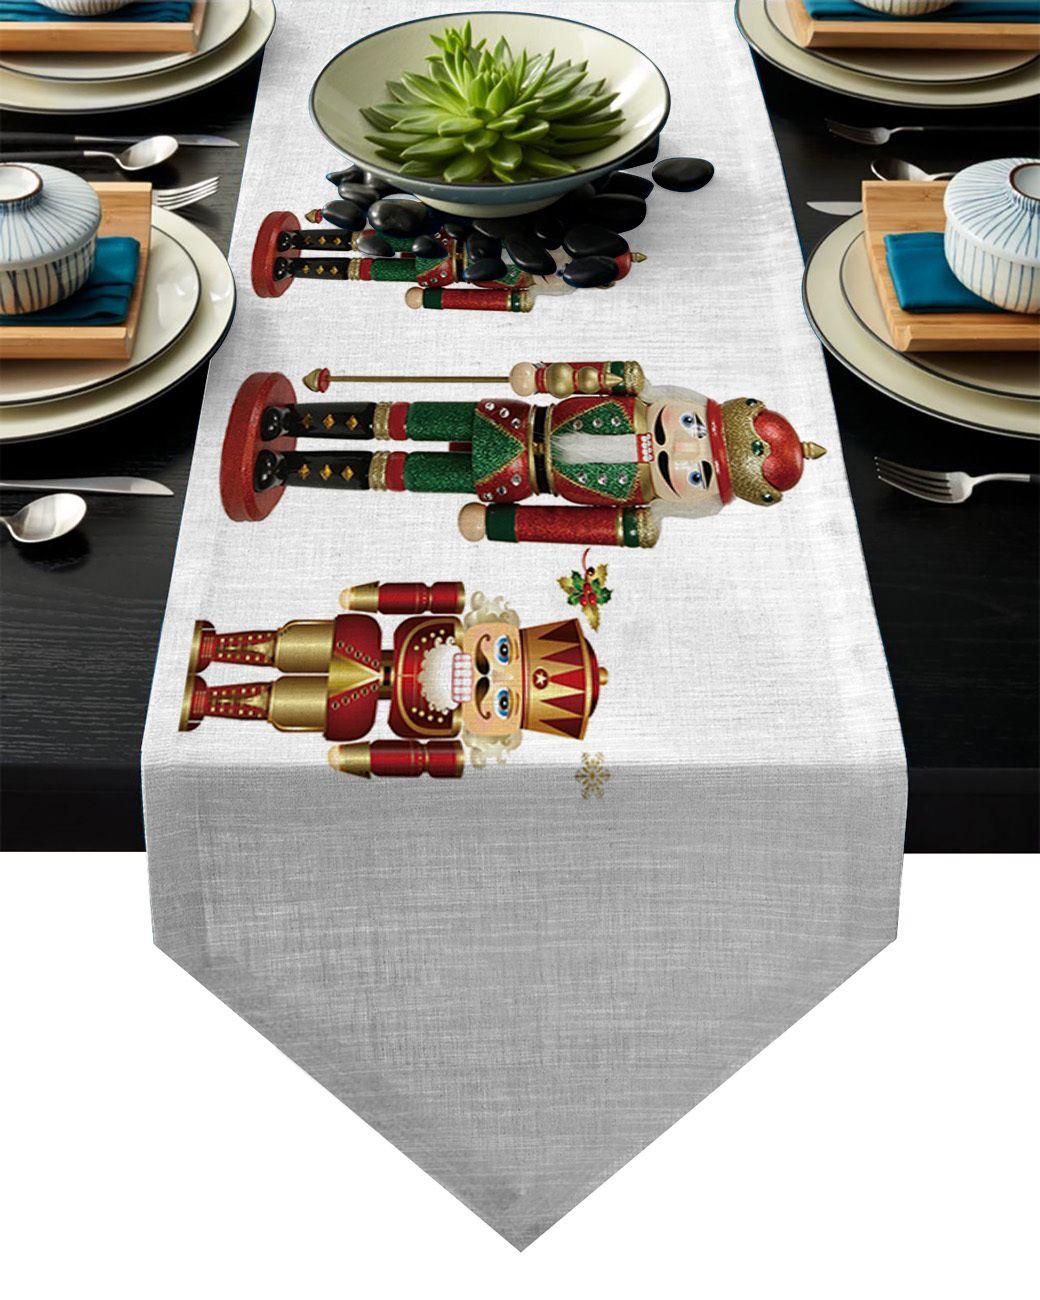 Schiaccianoci Soldato pospongono i corridori decorazioni per la tavola di Natale per casa festa di nozze Camino De Mesa Cucina Accessori Y200421